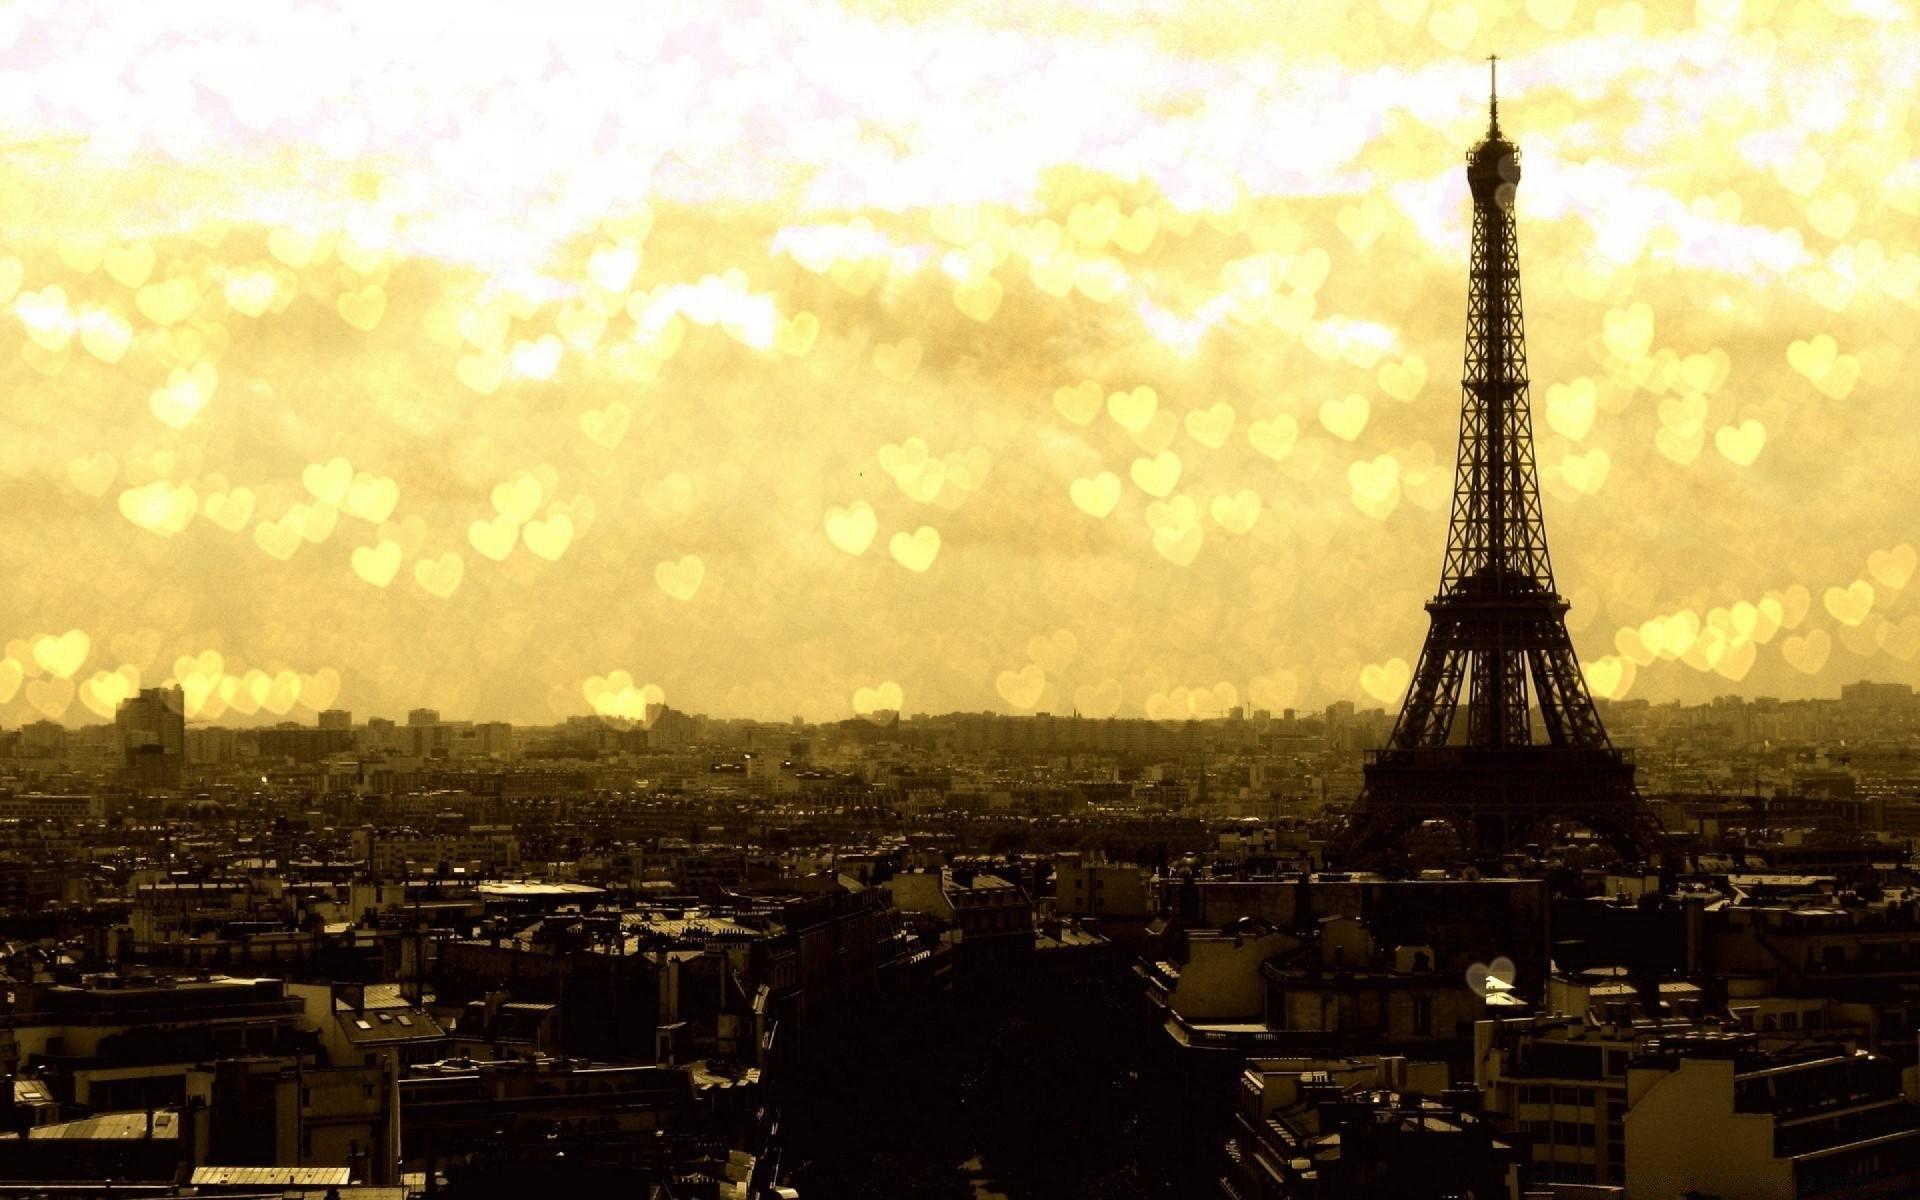 _Eiffel Tower at Night, Paris, France загрузить